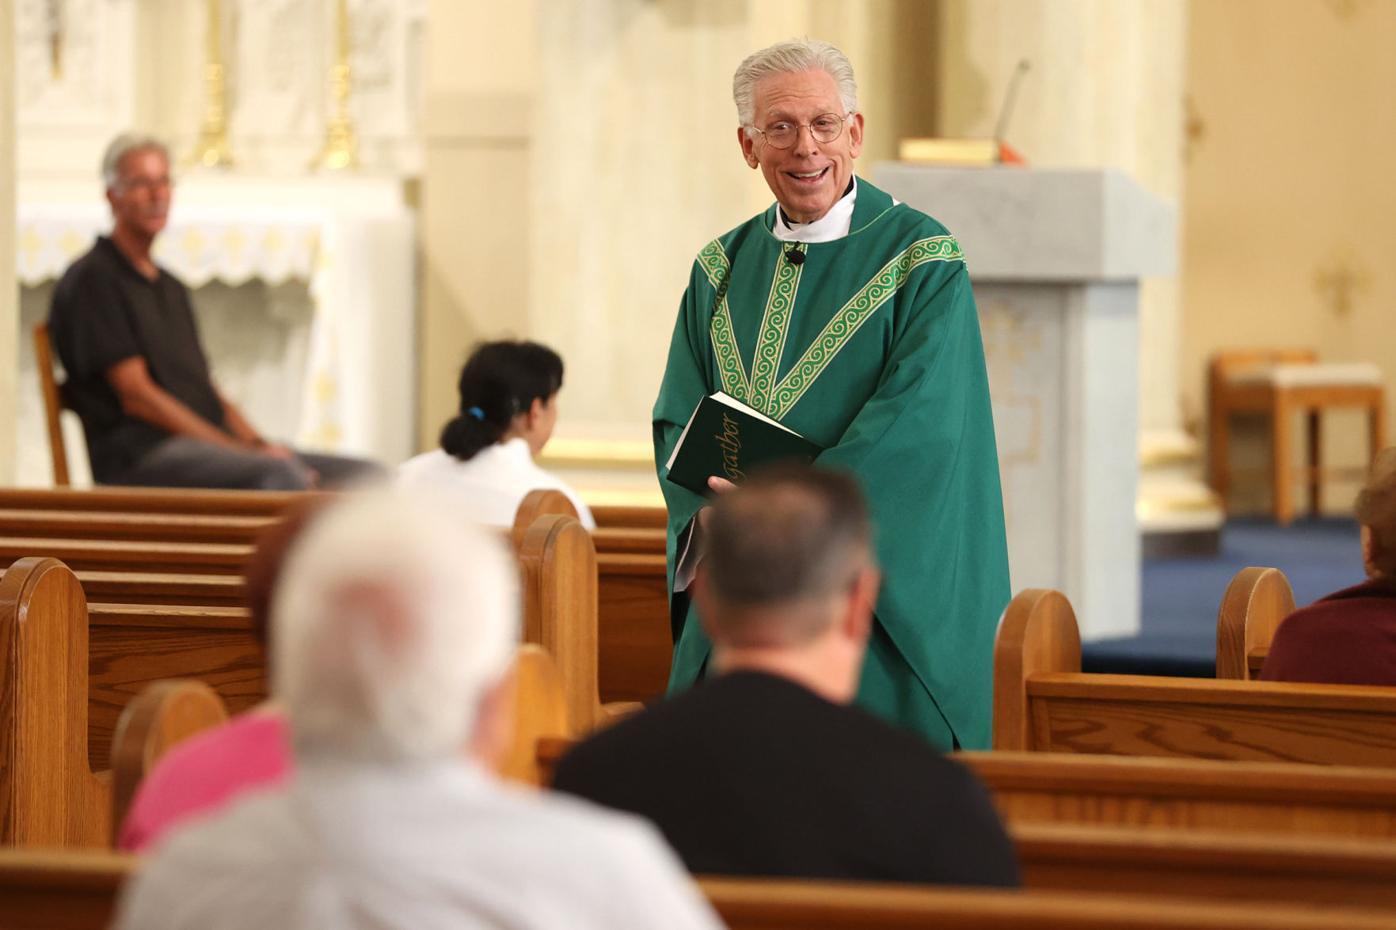 Monsignor Joseph G. Quinn